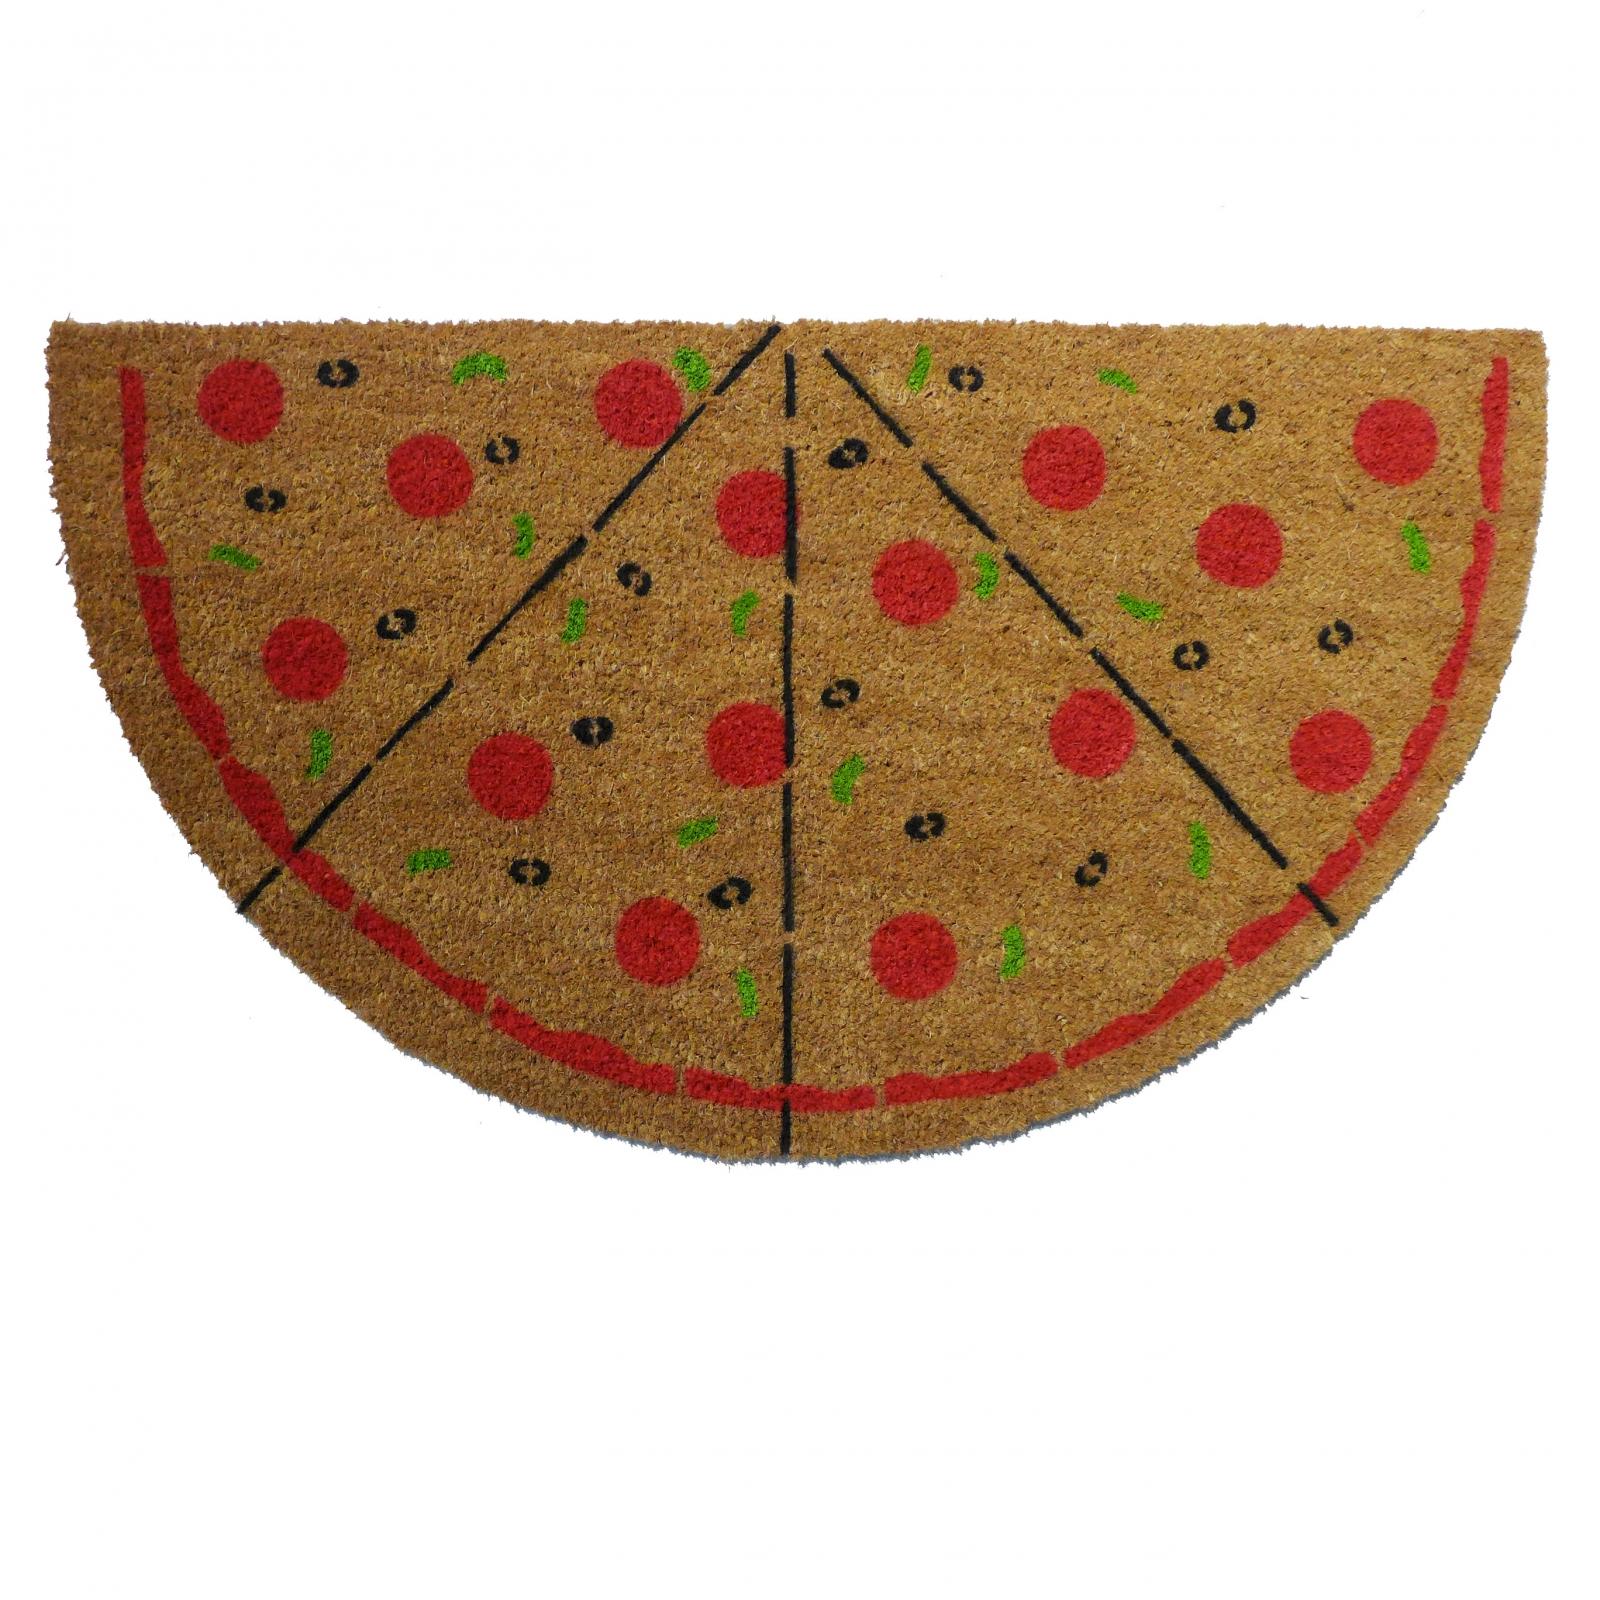 Ultimate Pizza Lovers Doormat Damn Good Doormats